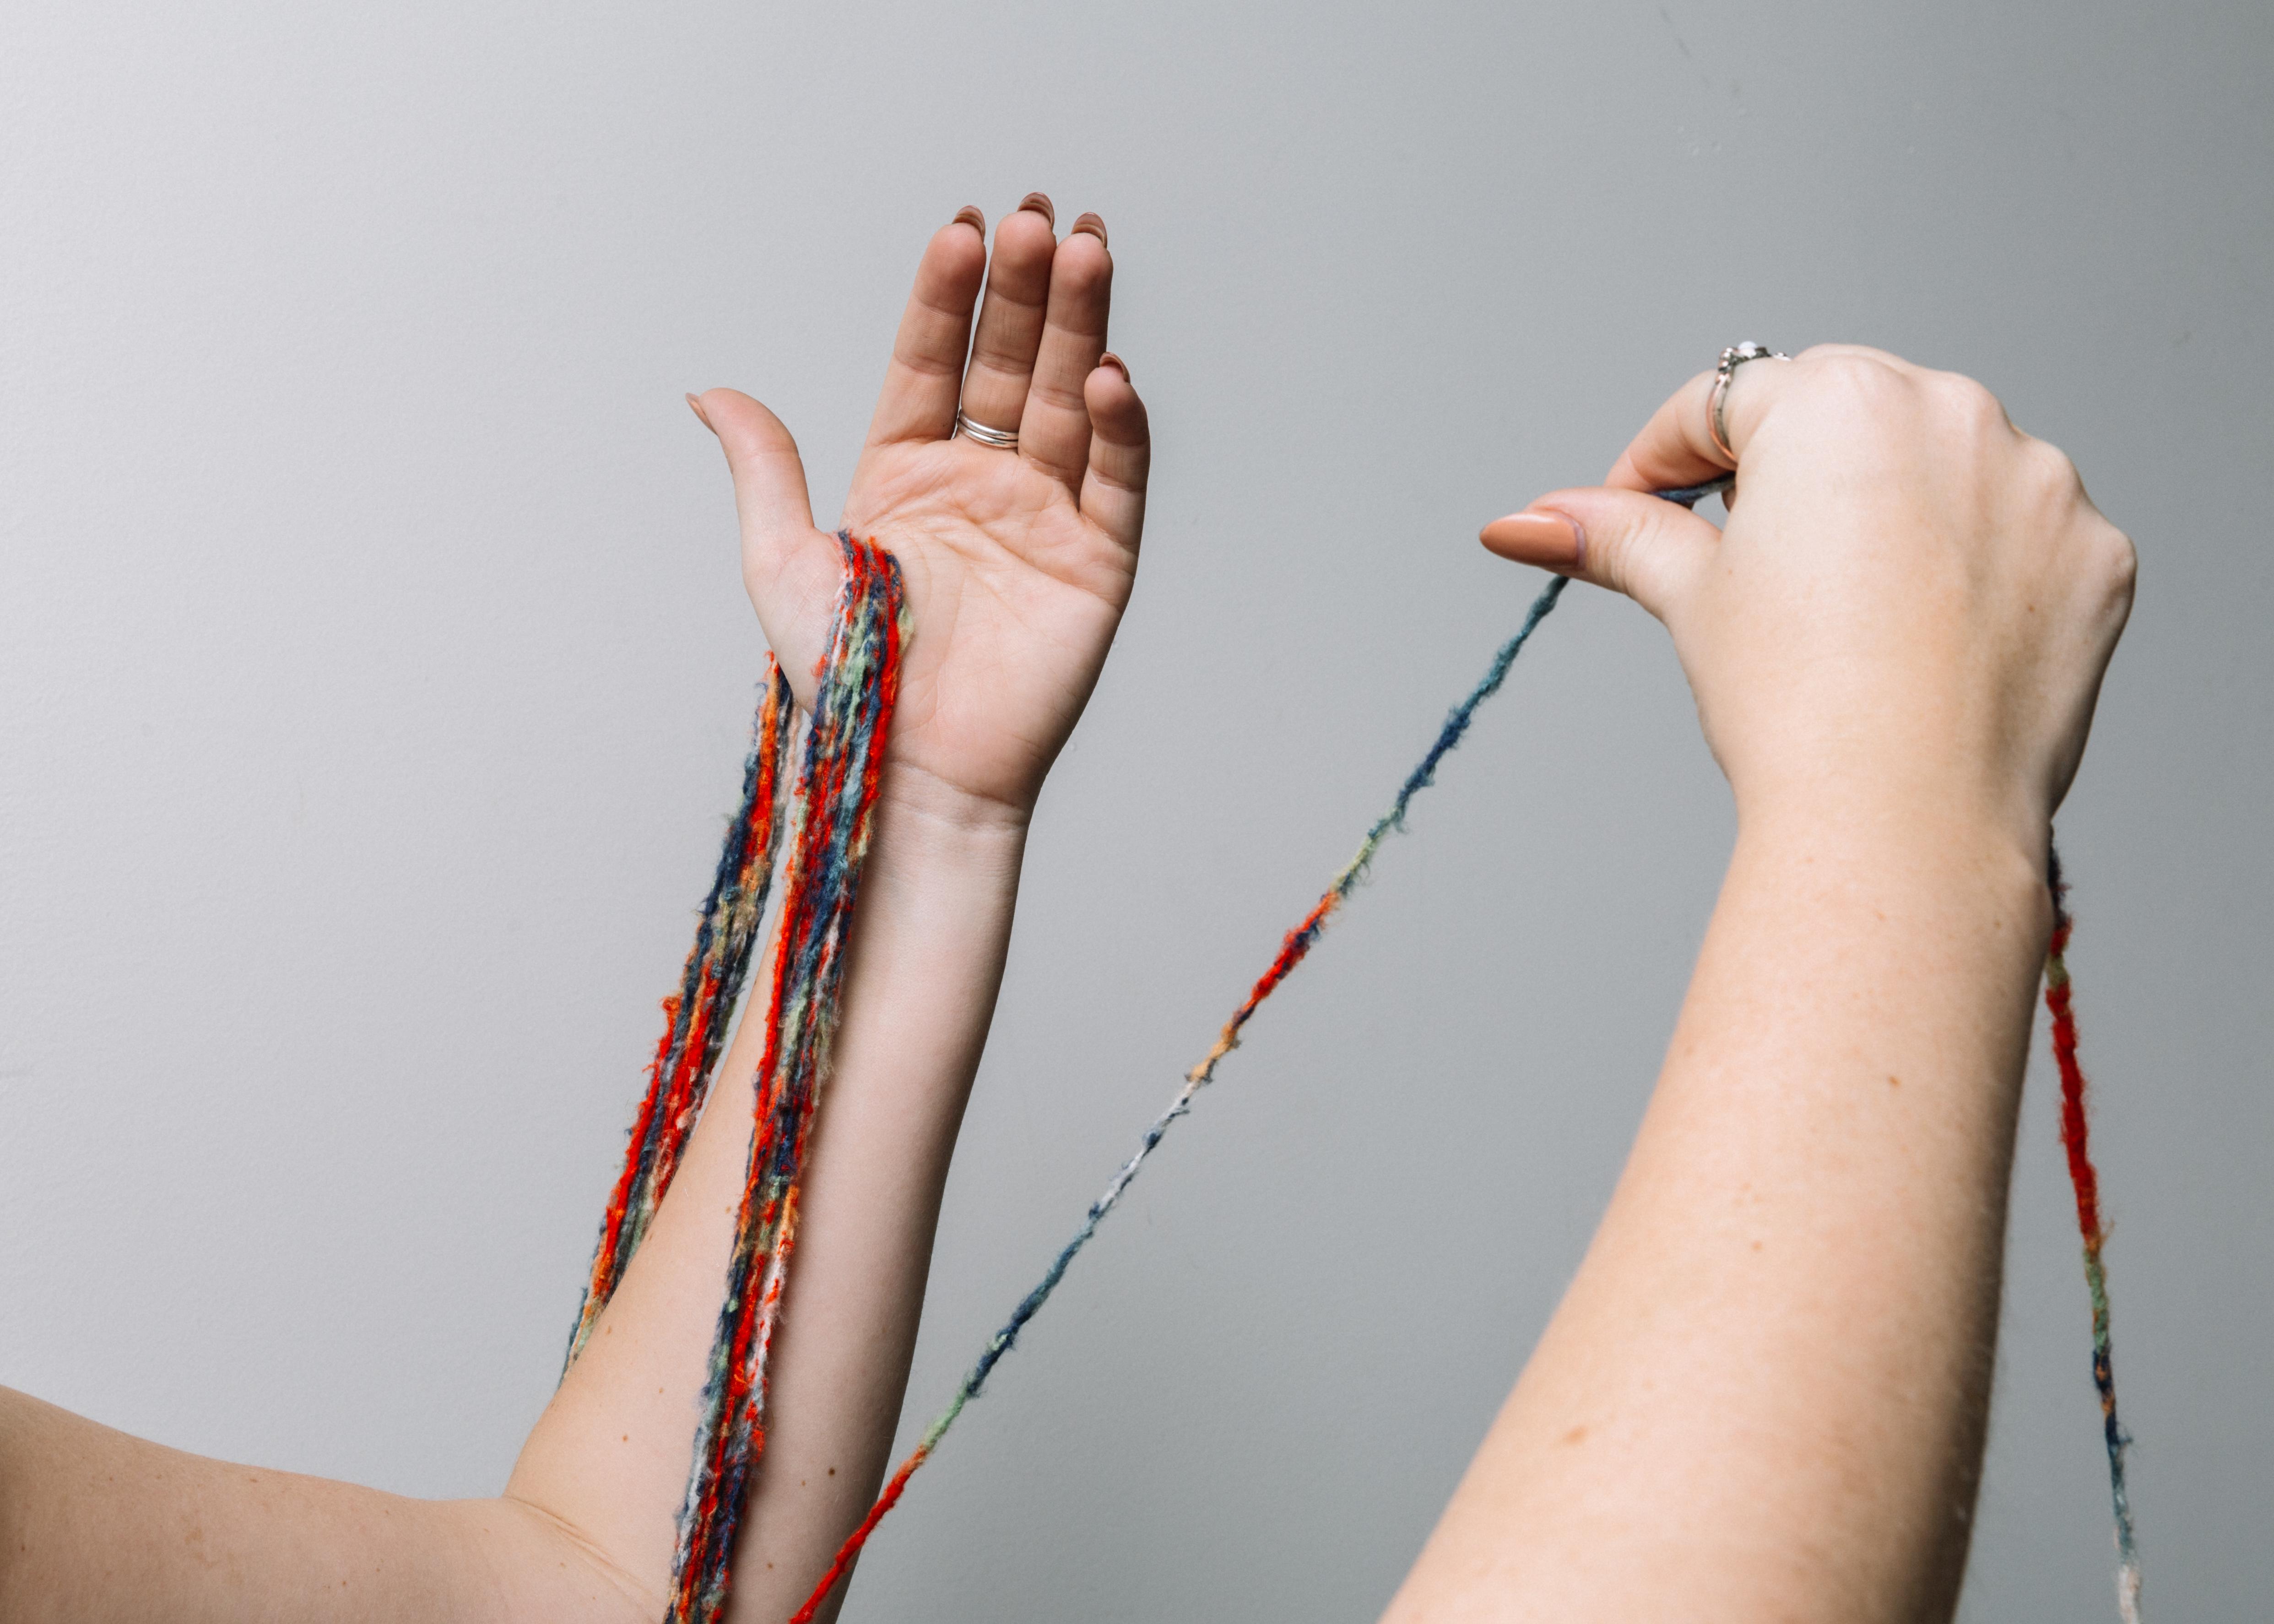 Tying string onto a branch.